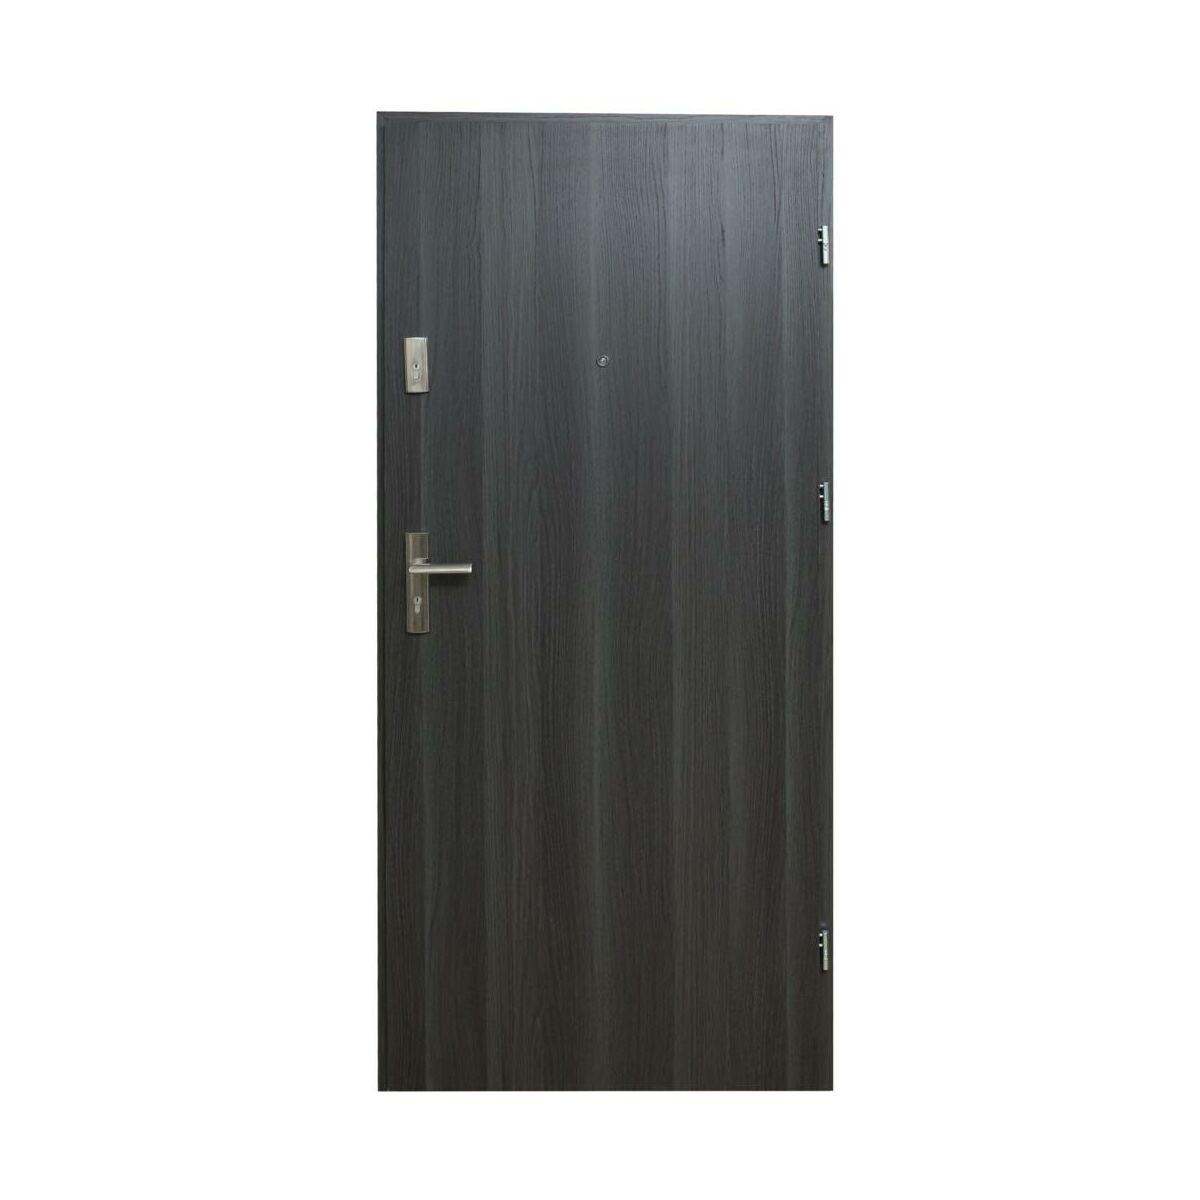 Drzwi Wejsciowe Hektor 32 Dab Grafit 80 Prawe Domidor Drzwi Zewnetrzne Do Domu Mieszkania W Atrakcyjnej Cenie W Sklepach Leroy Merlin